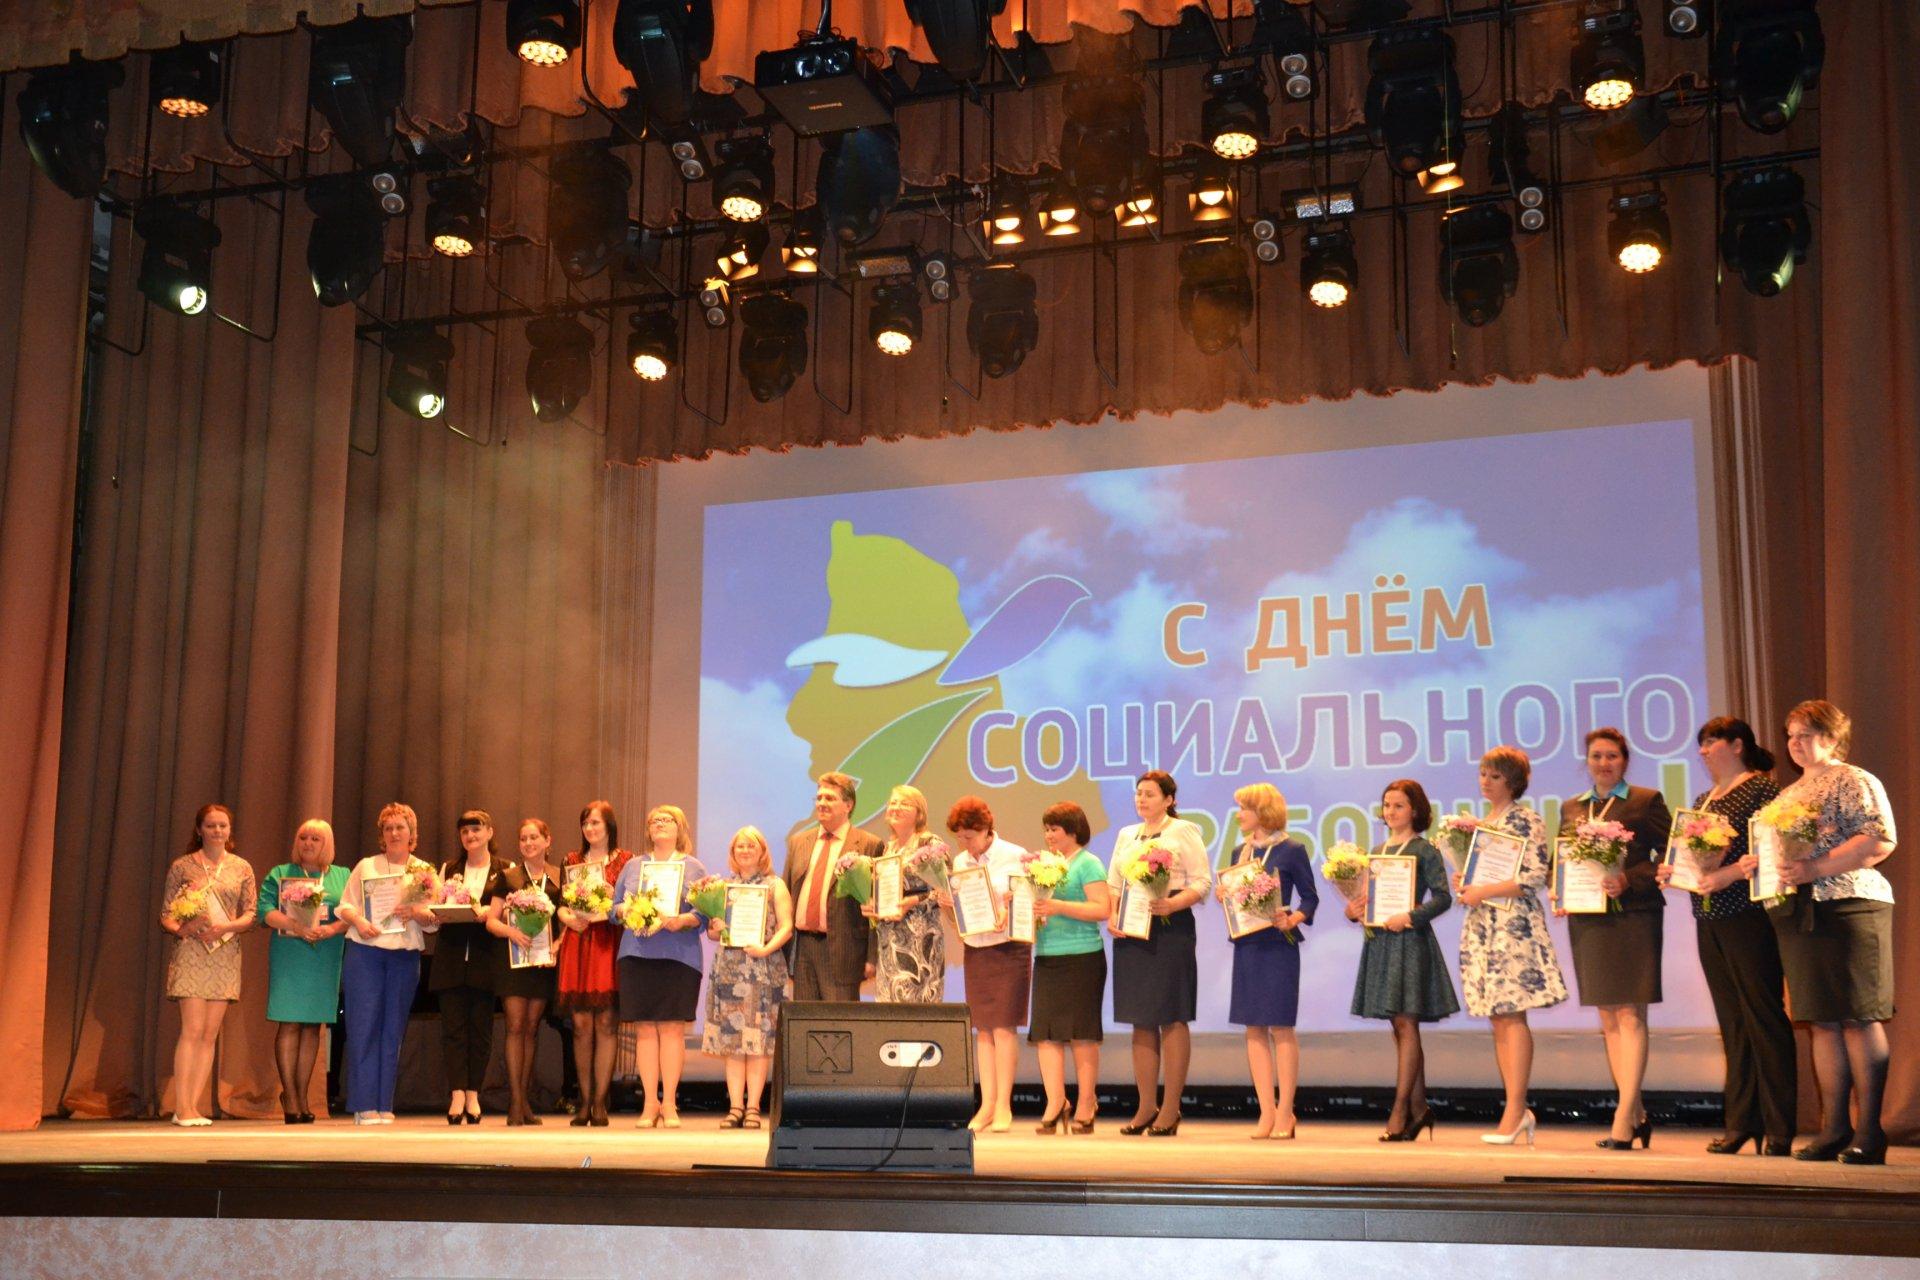 Областные конкурсы свердловская область 2018